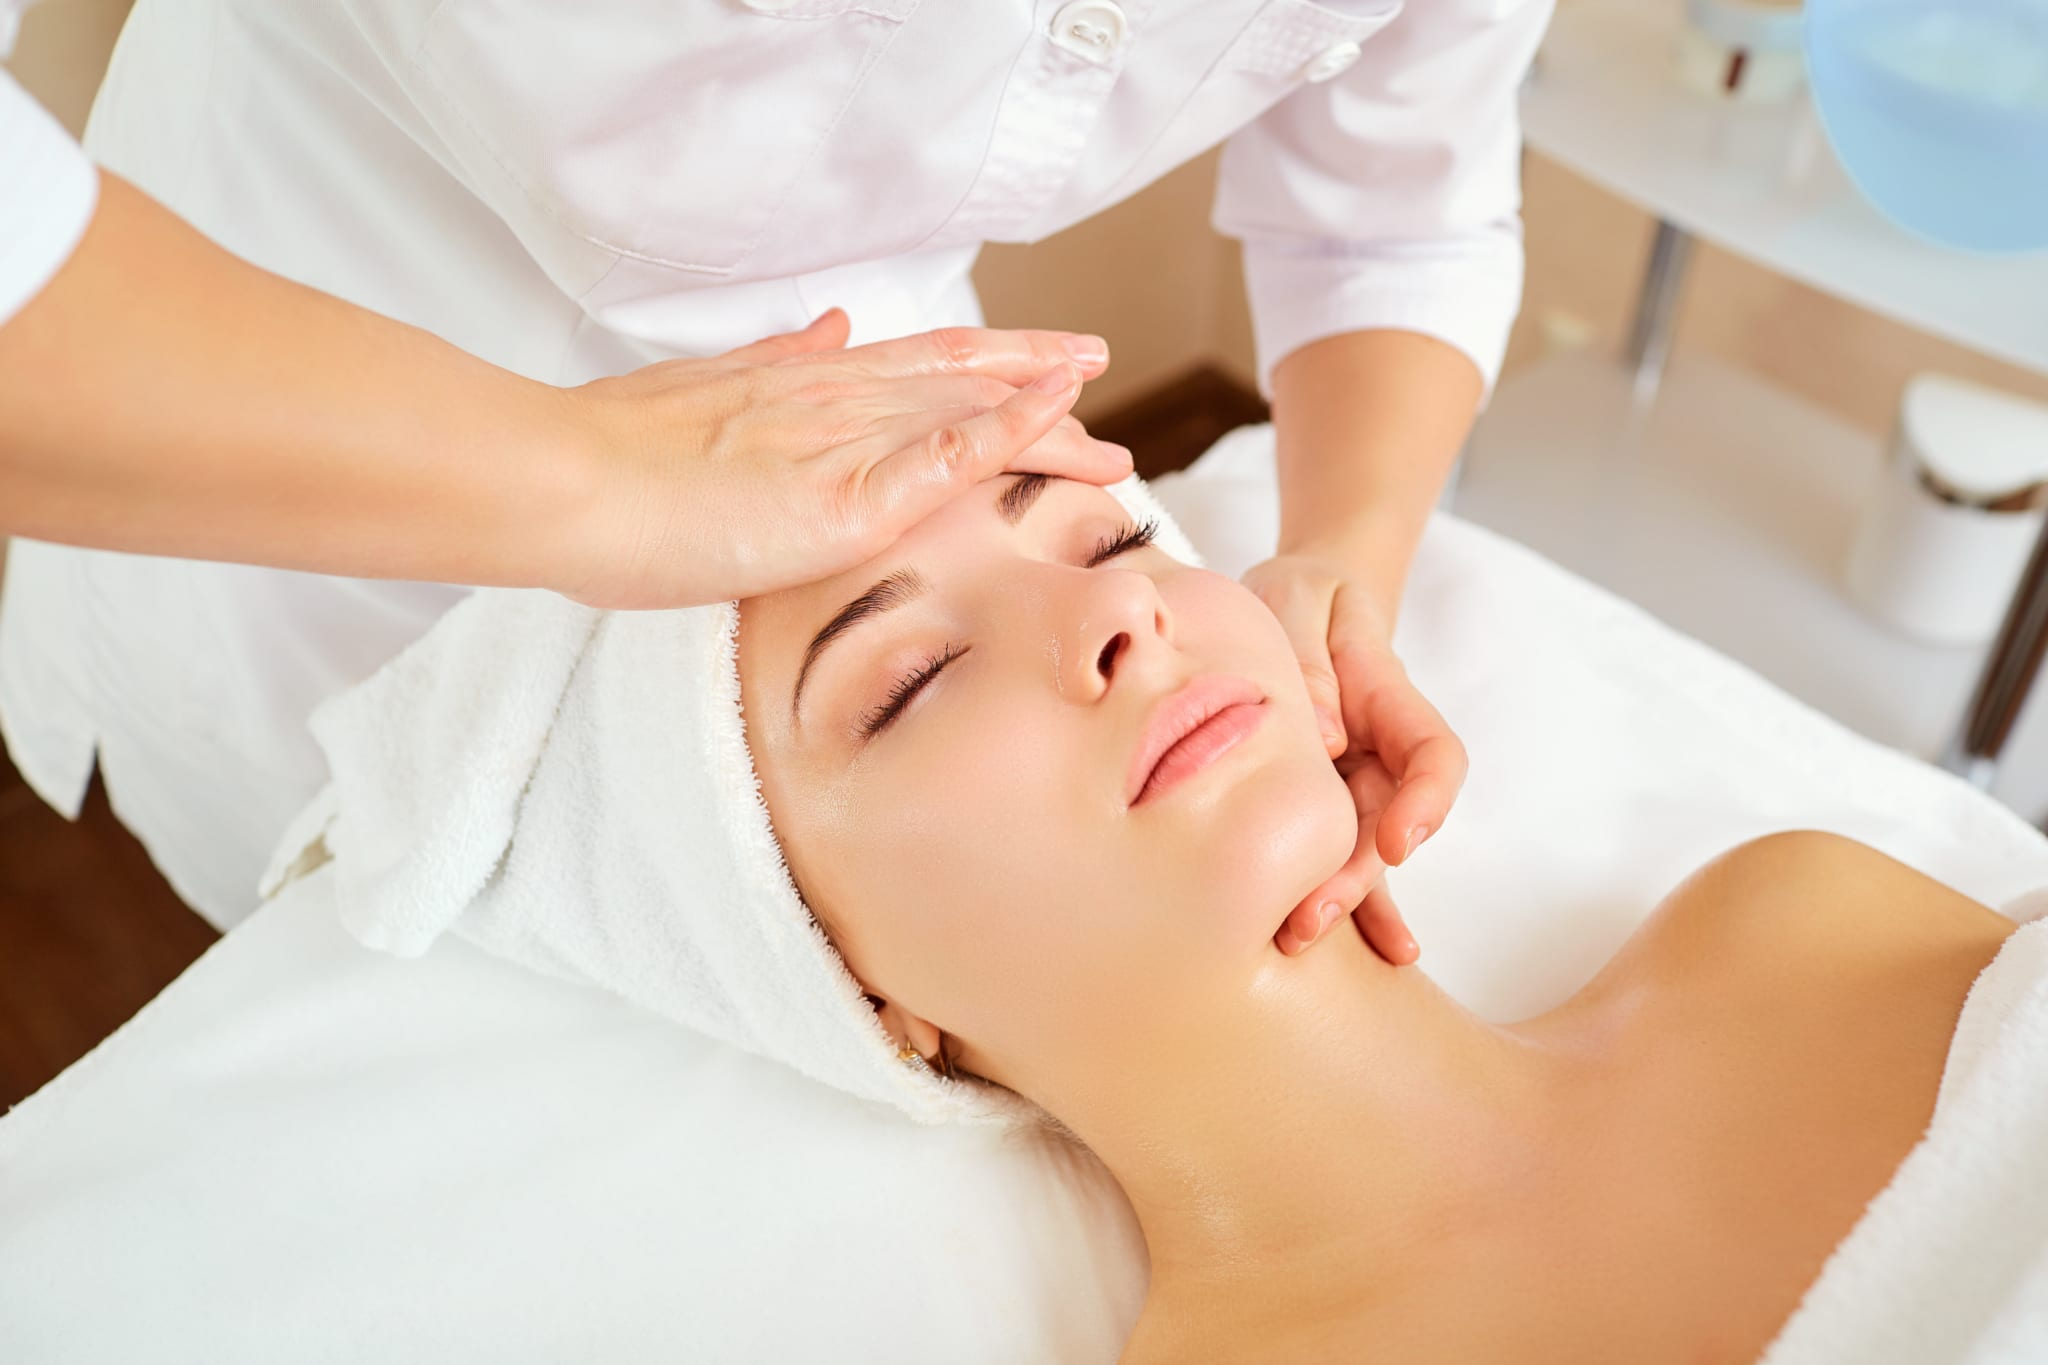 Woman at a facial massage at a spa salon.